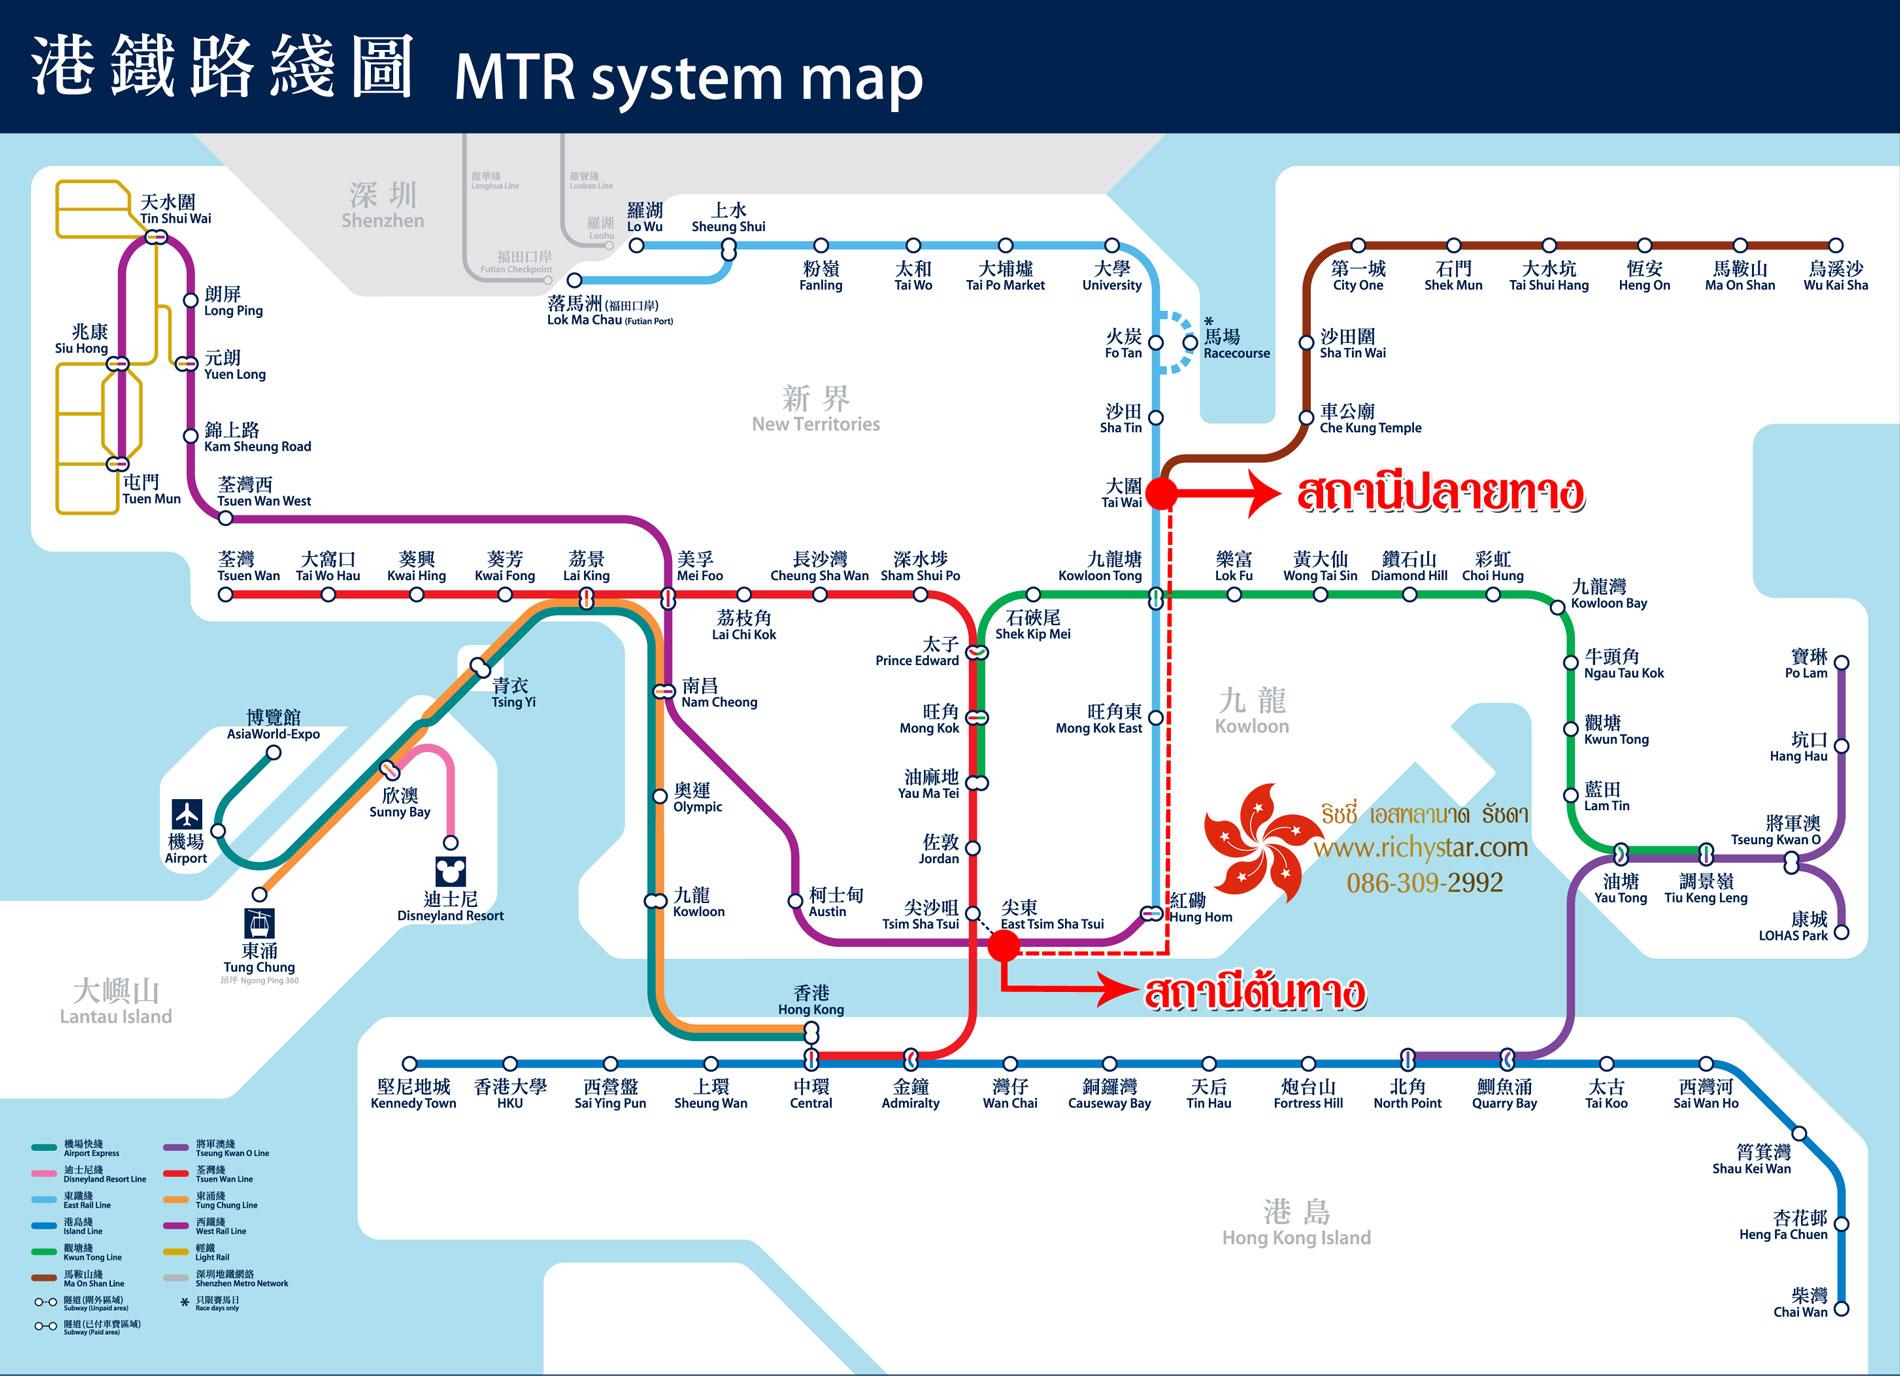 MTR hongkong che kung temple